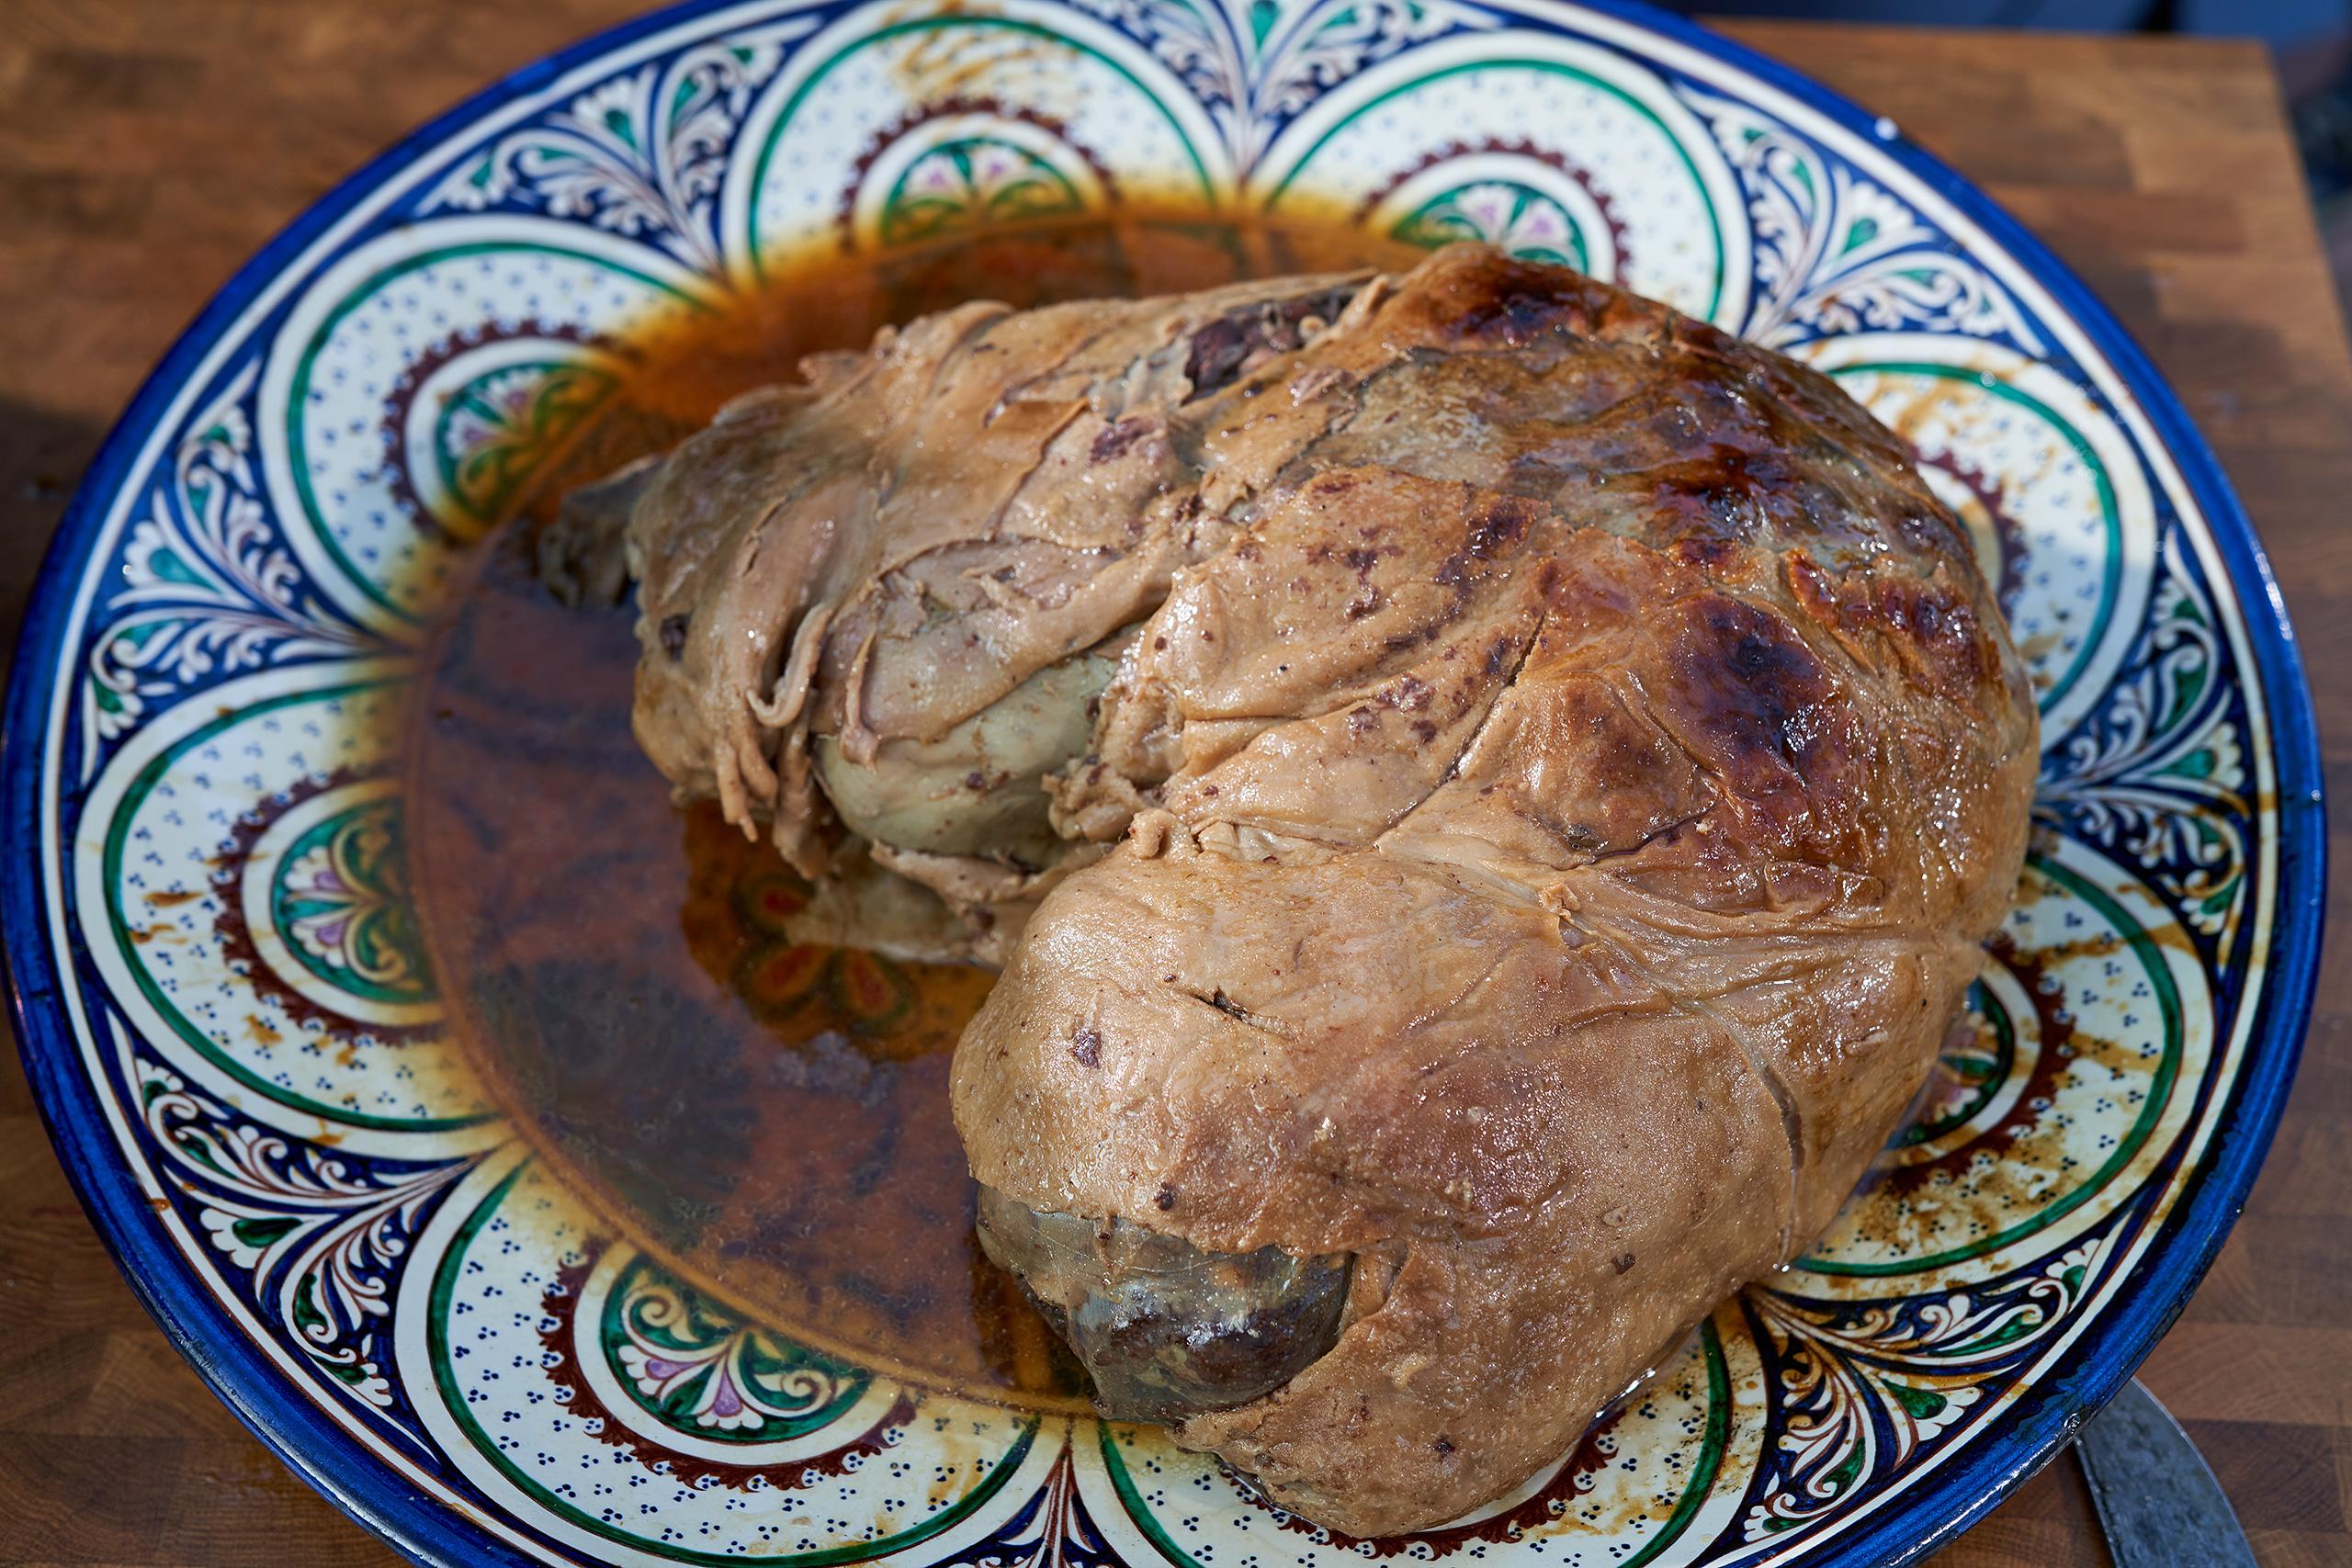 КалмыЦкий КЮР - путь к сердцу через желудок | Вариант Сталика Ханкишиева еда,кулинария,кухонька,общество